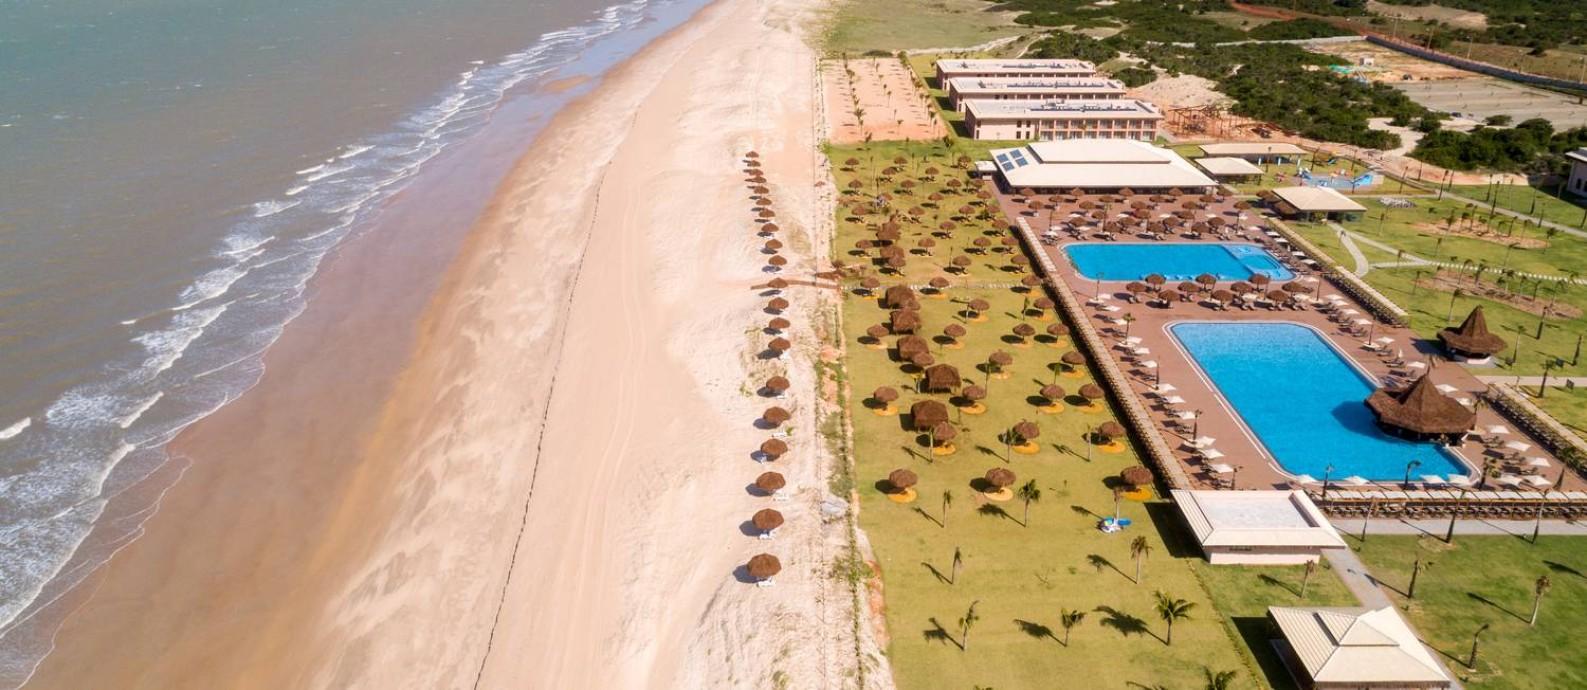 Praia de Touros. O recém-inaugurado resort Vila Galé tem piscinas, spa e clube infantil à beira mar. Os serviços e atividades de lazer funcionam em sistema all-inclusive